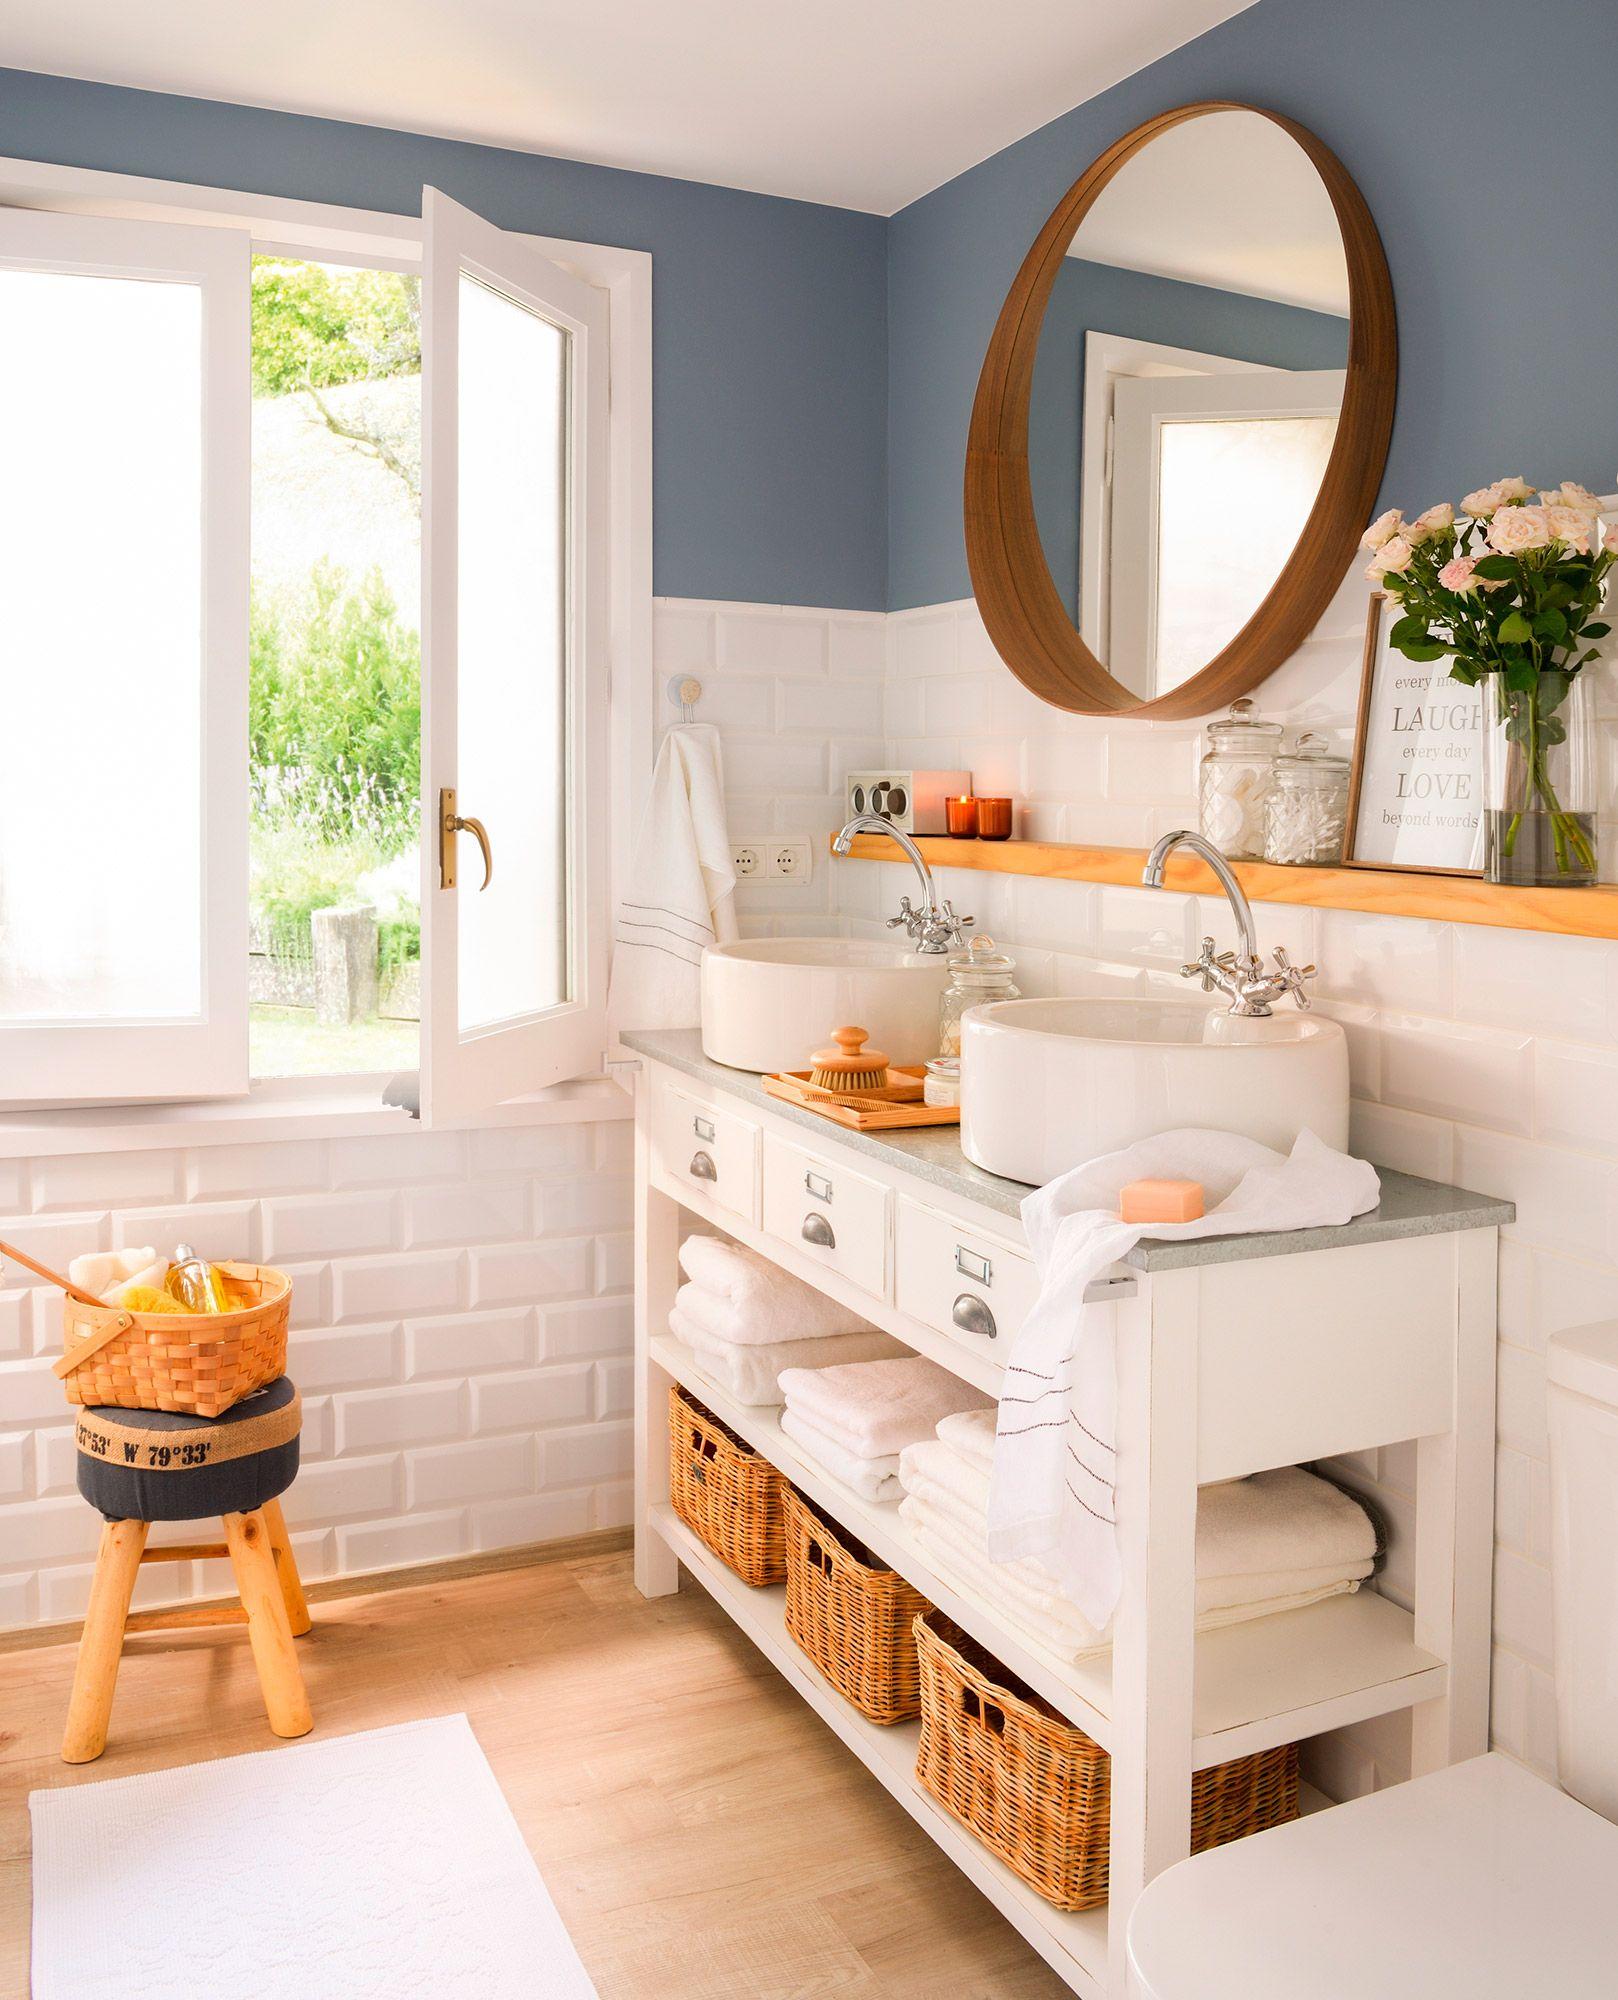 Ba o con lavamanos con cajones y estantes y espejo redondo for Espejo redondo bano